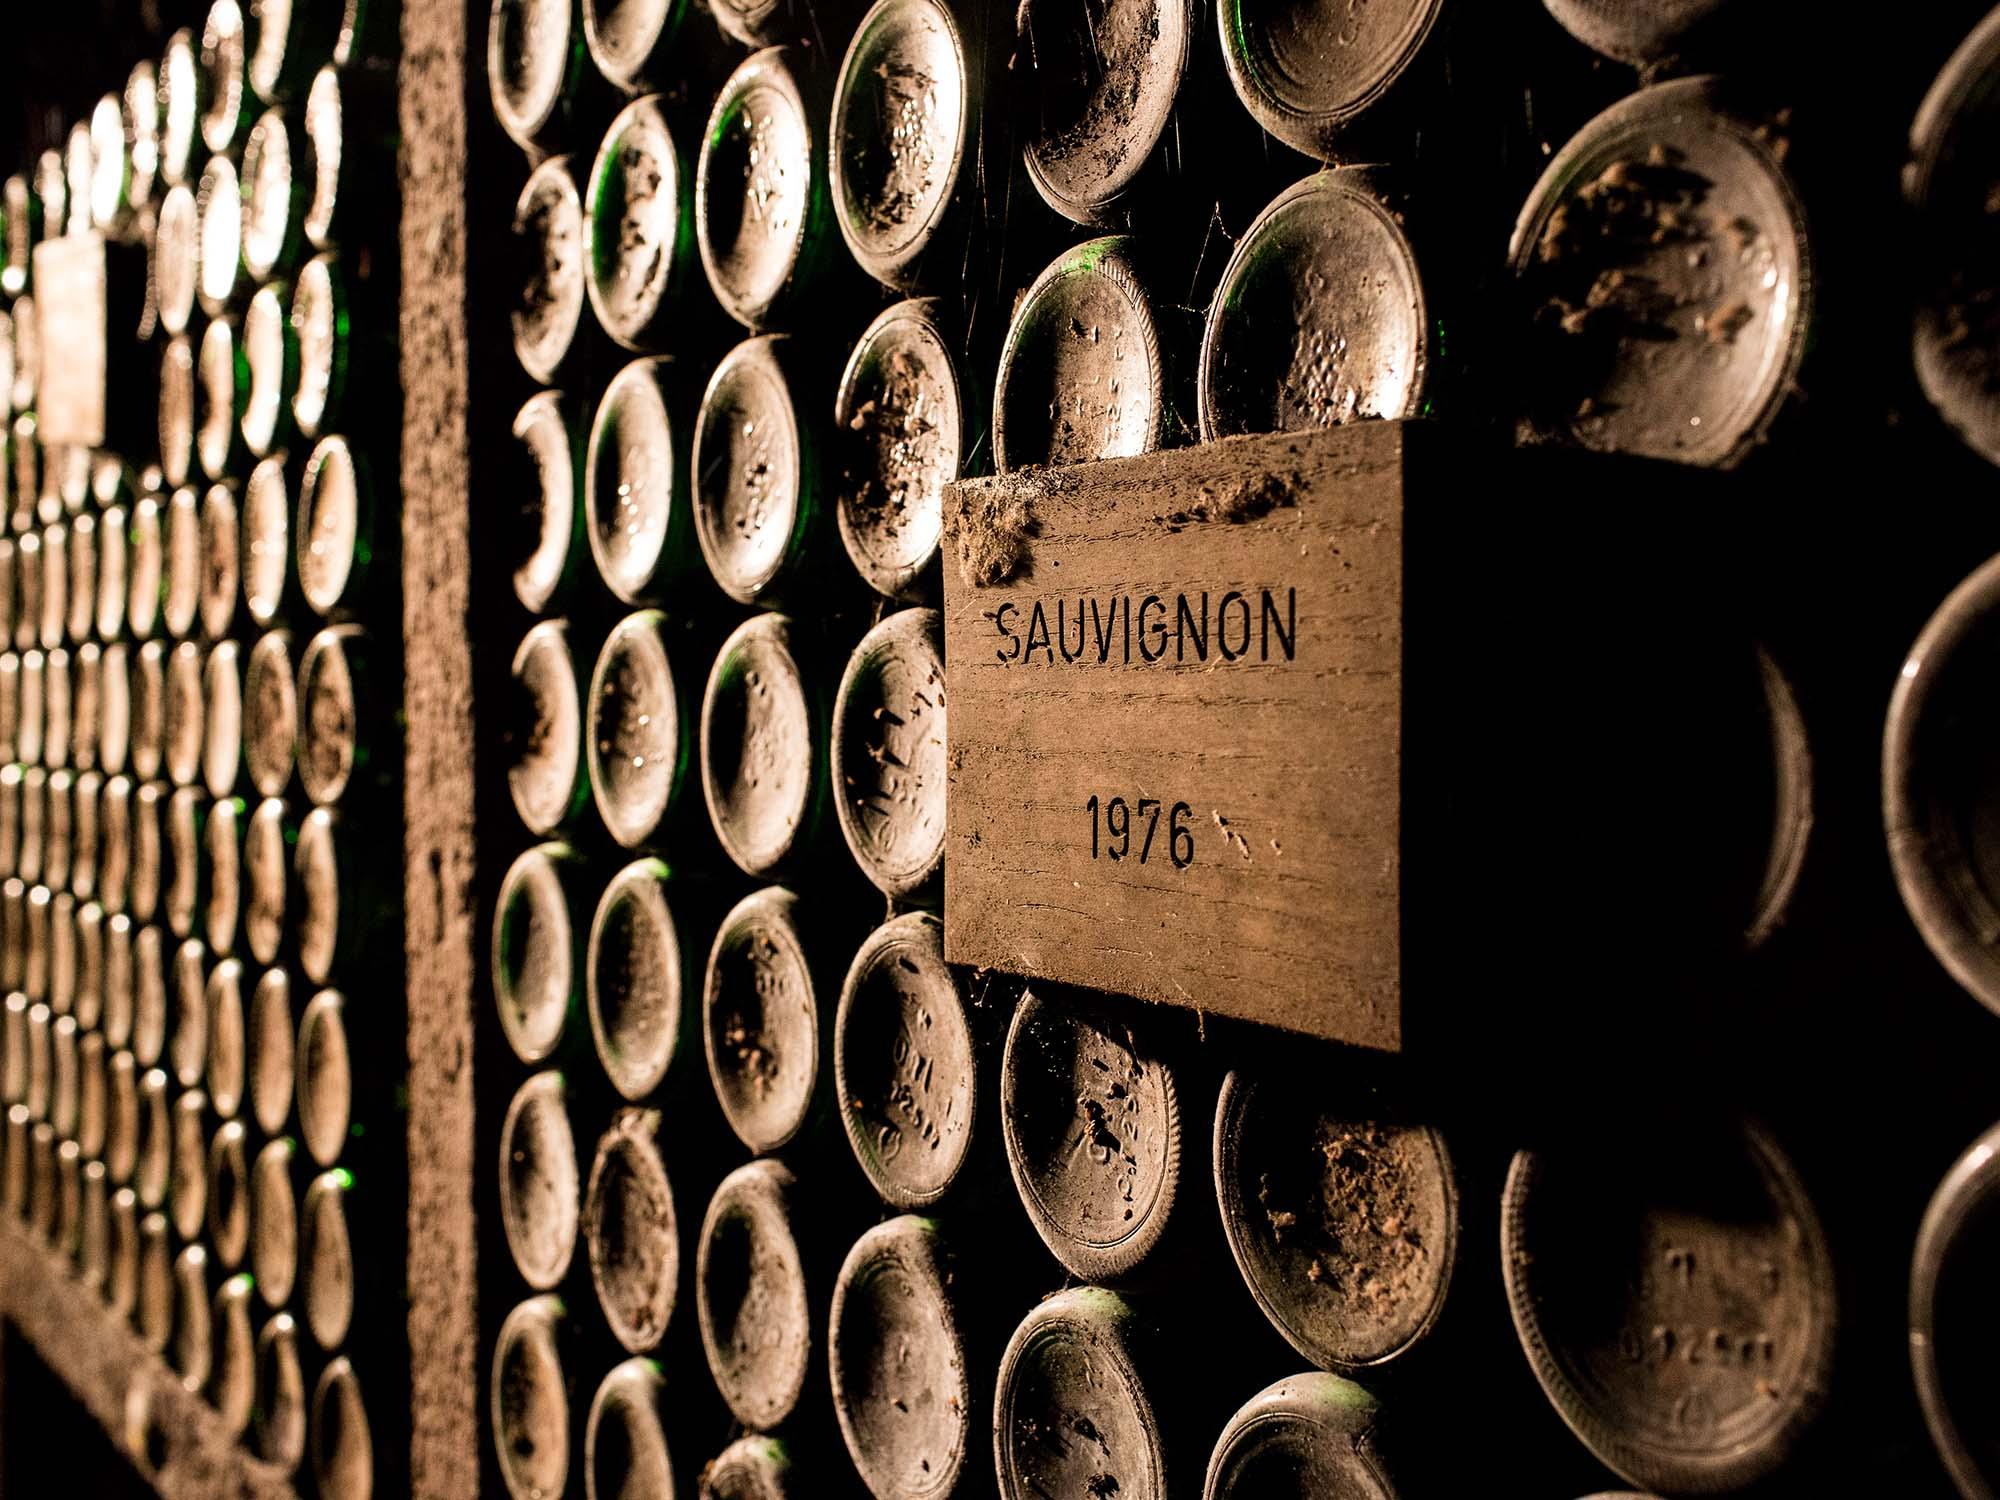 Doživetja vin podravske dežele na drugačen način